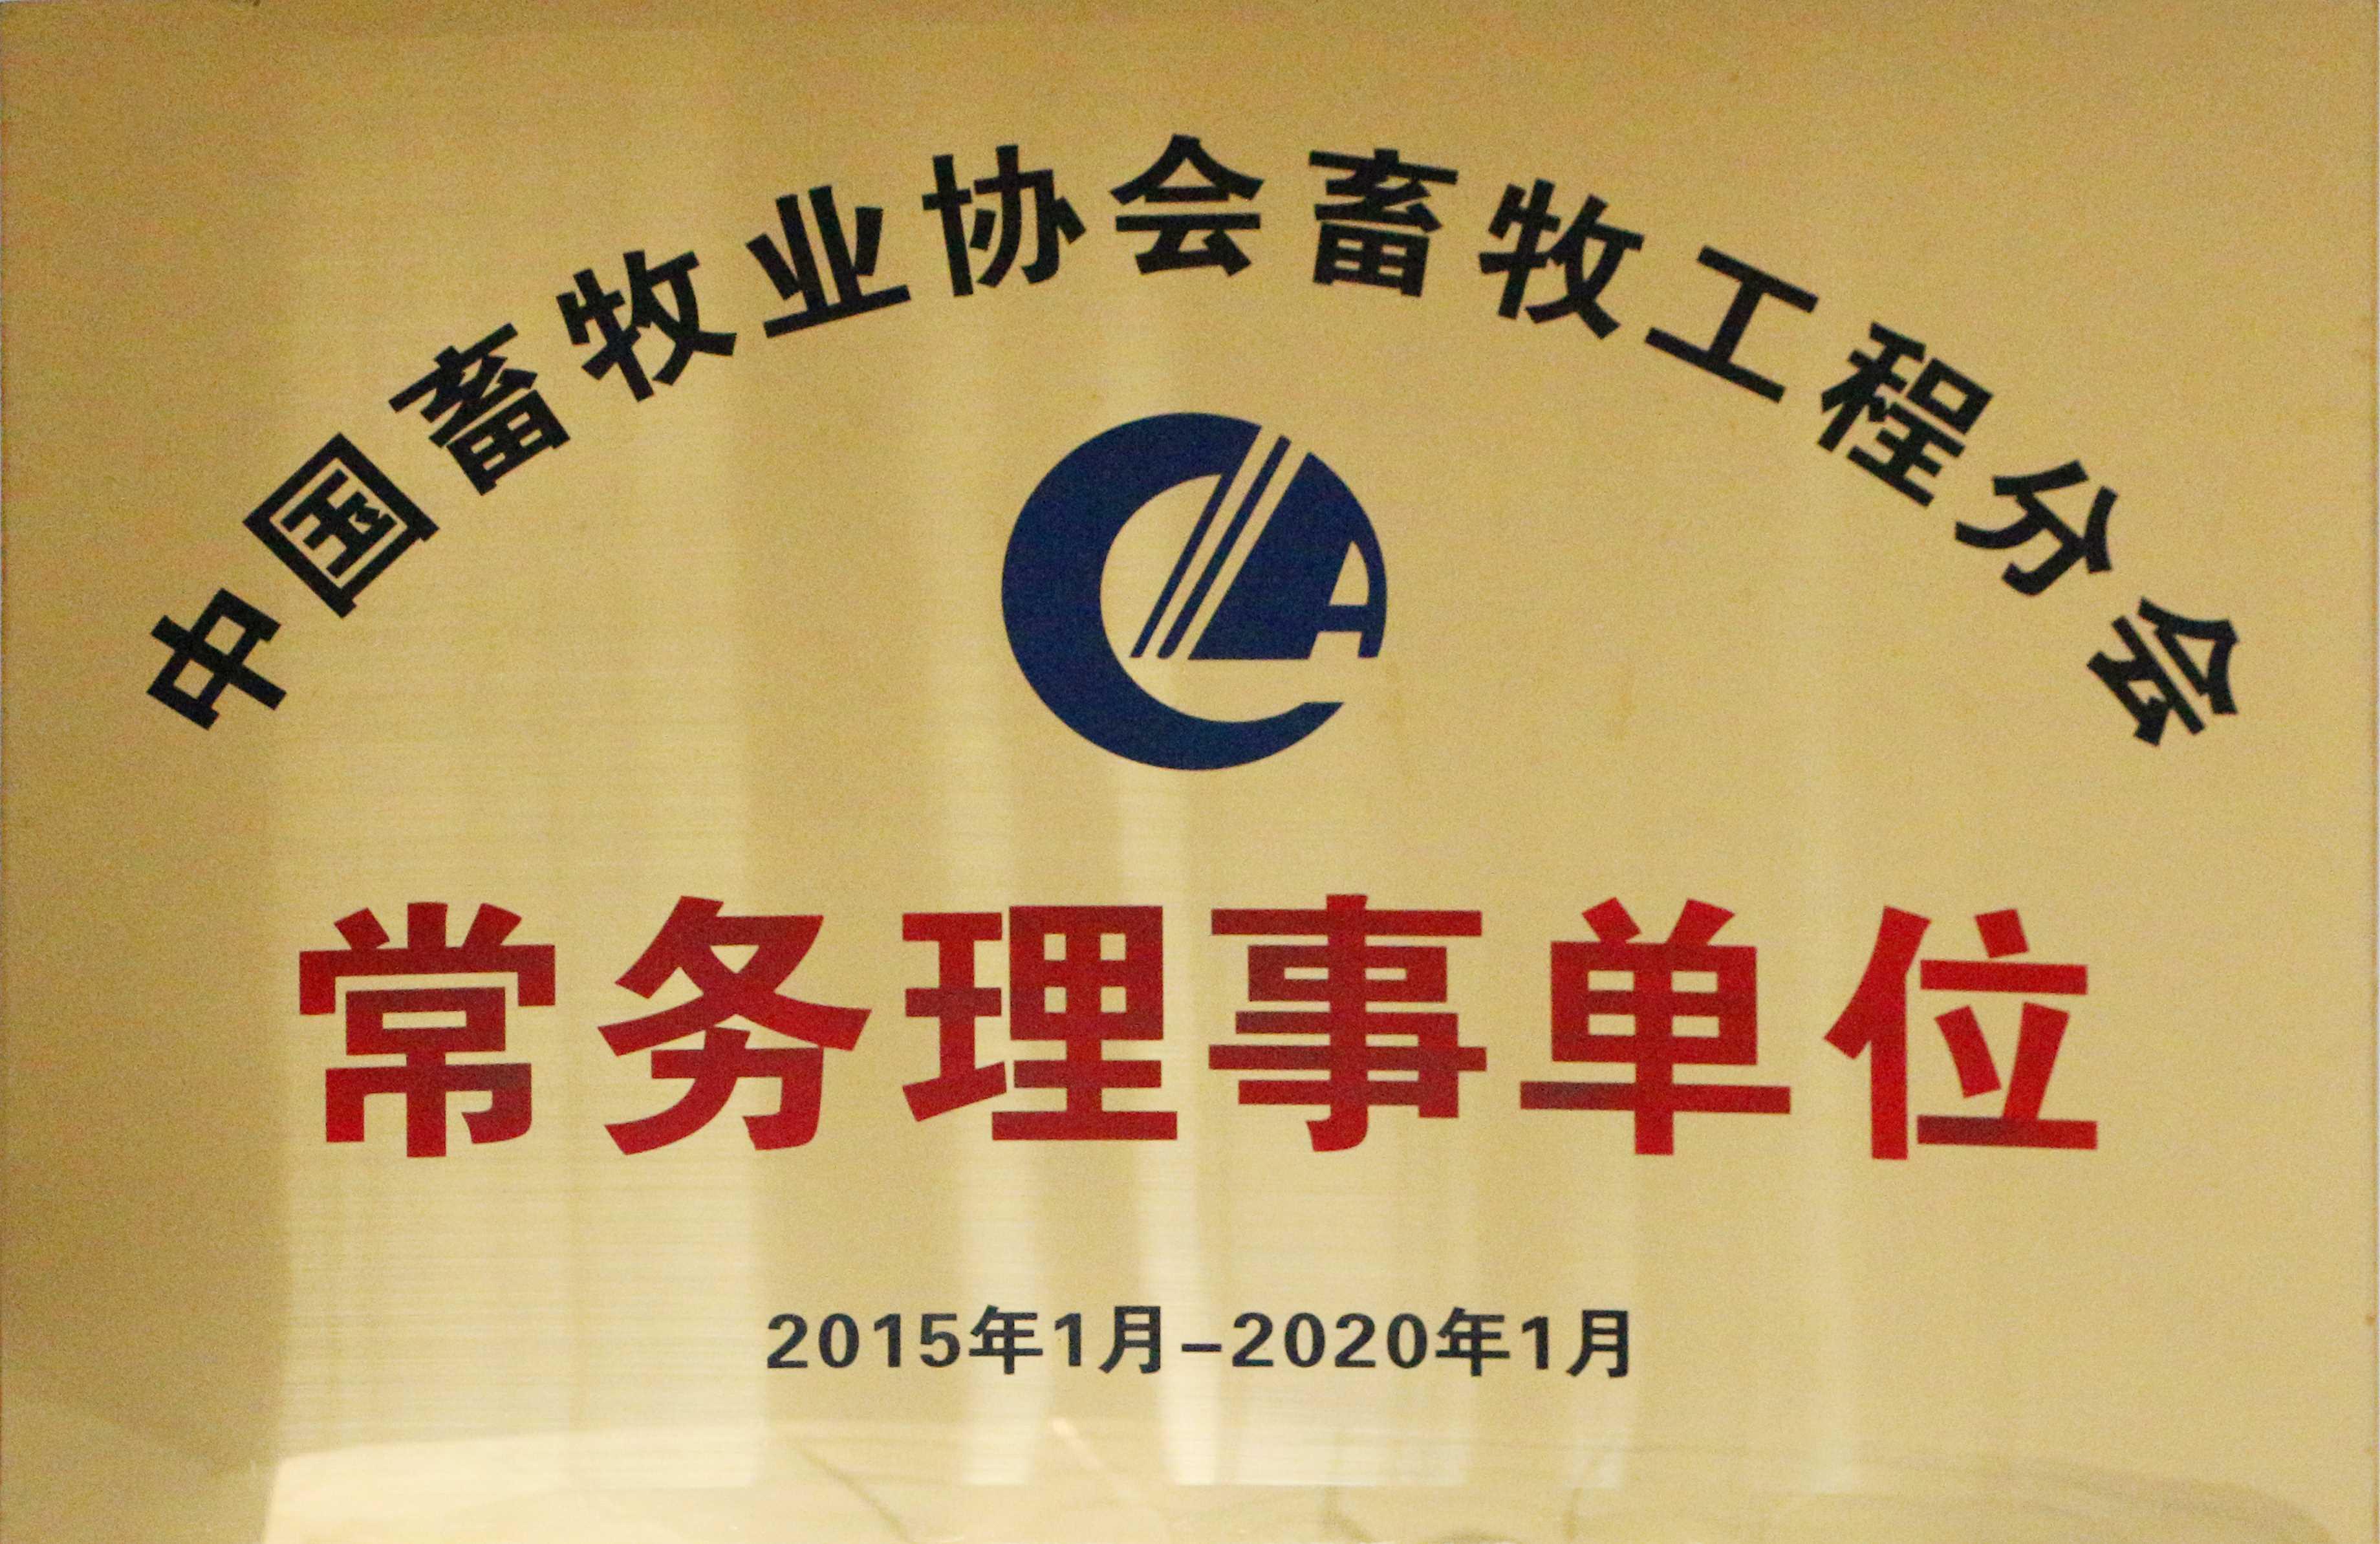 中國畜牧業協會畜牧工程分會常務理事單位